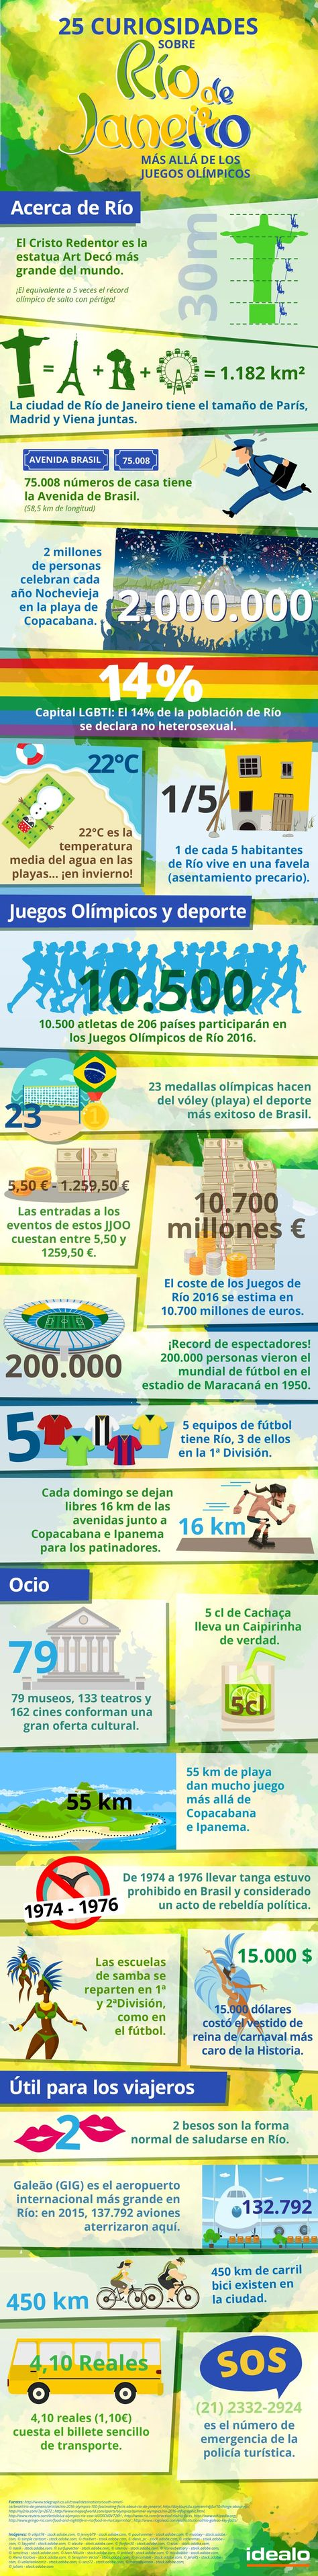 Descubre Río de Janeiro y los Juegos Olímpicos de 2016 en esta divertida infografía.  #infographic #RIO2016